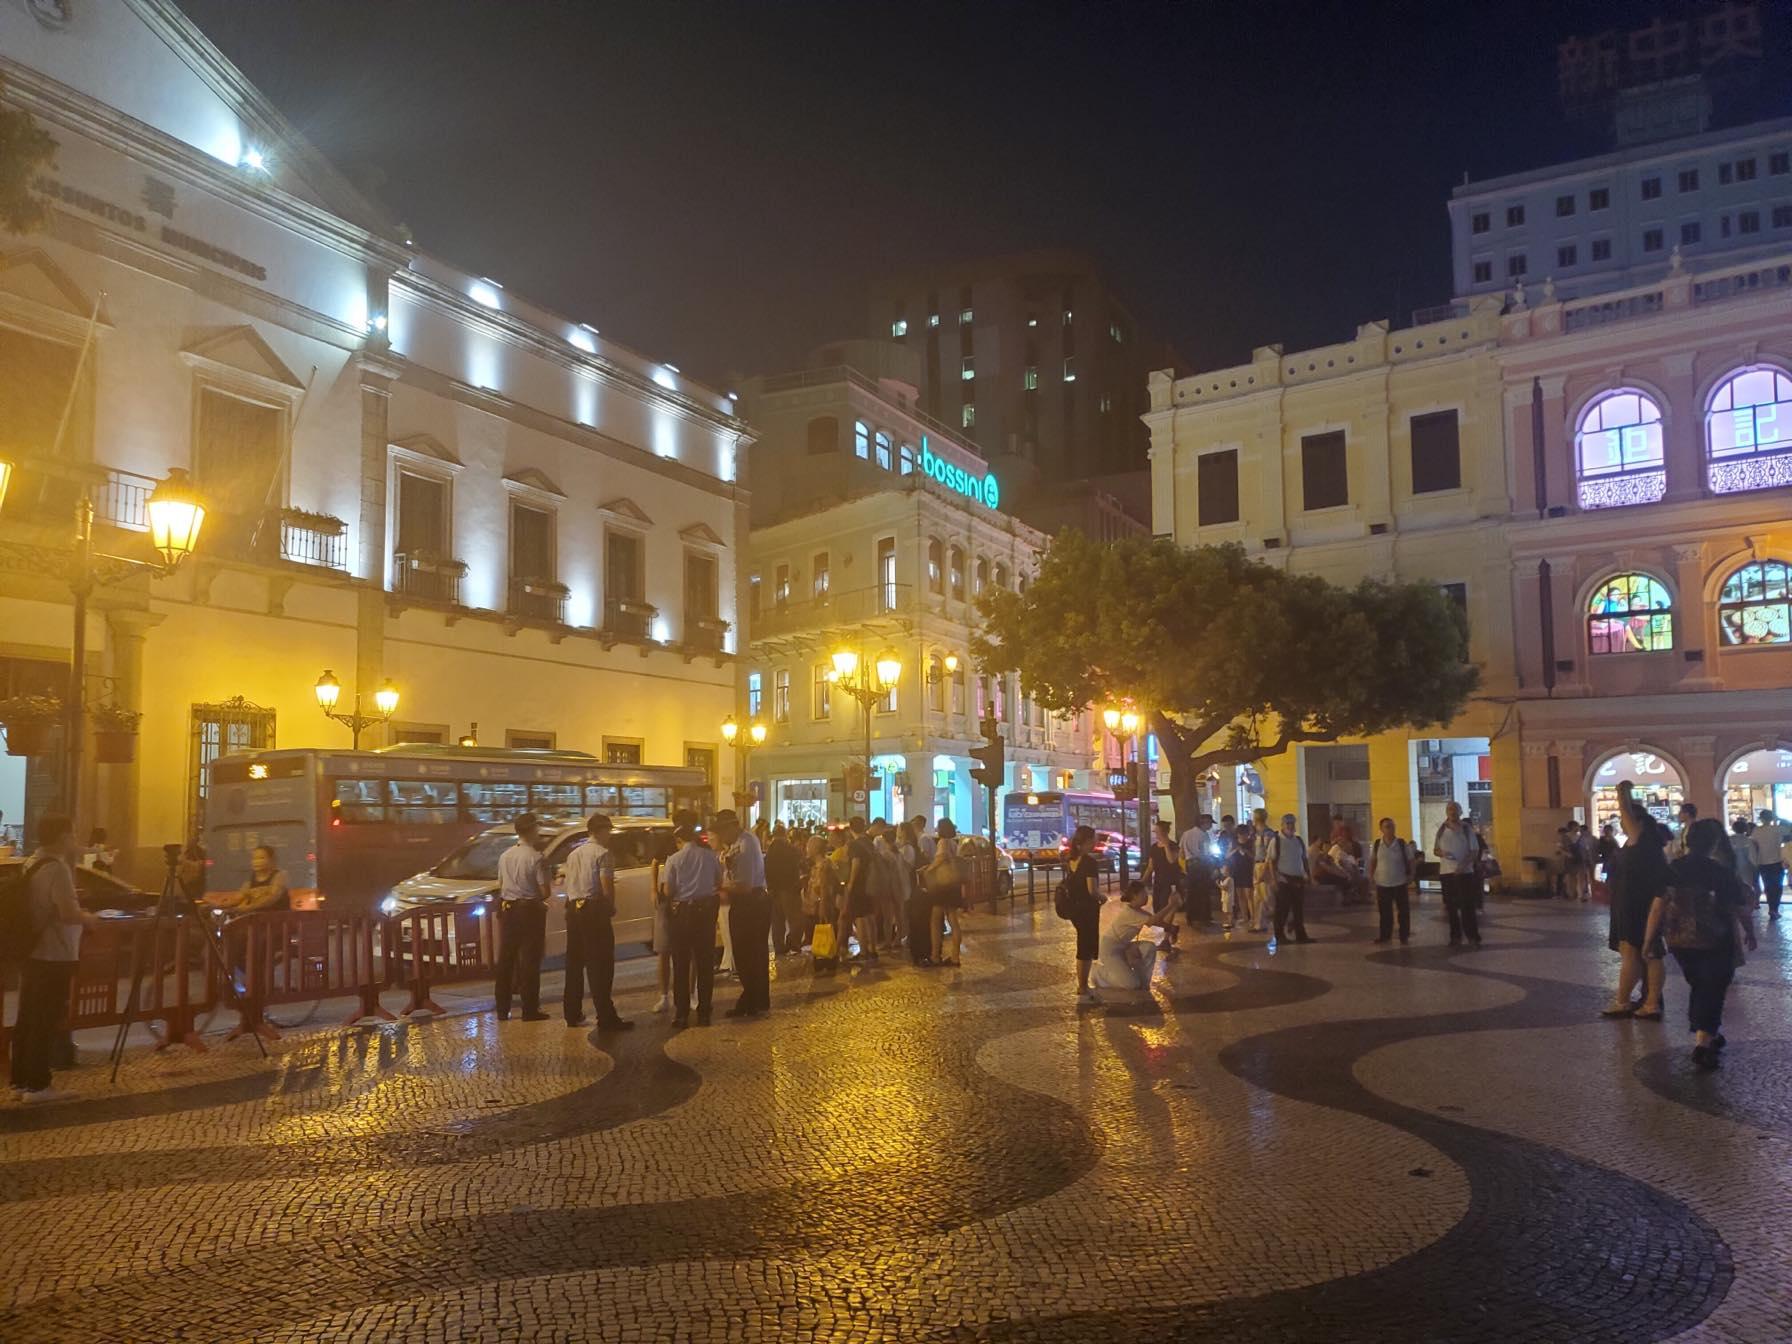 Vigília | Actuação da polícia na noite de segunda-feira à margem da lei